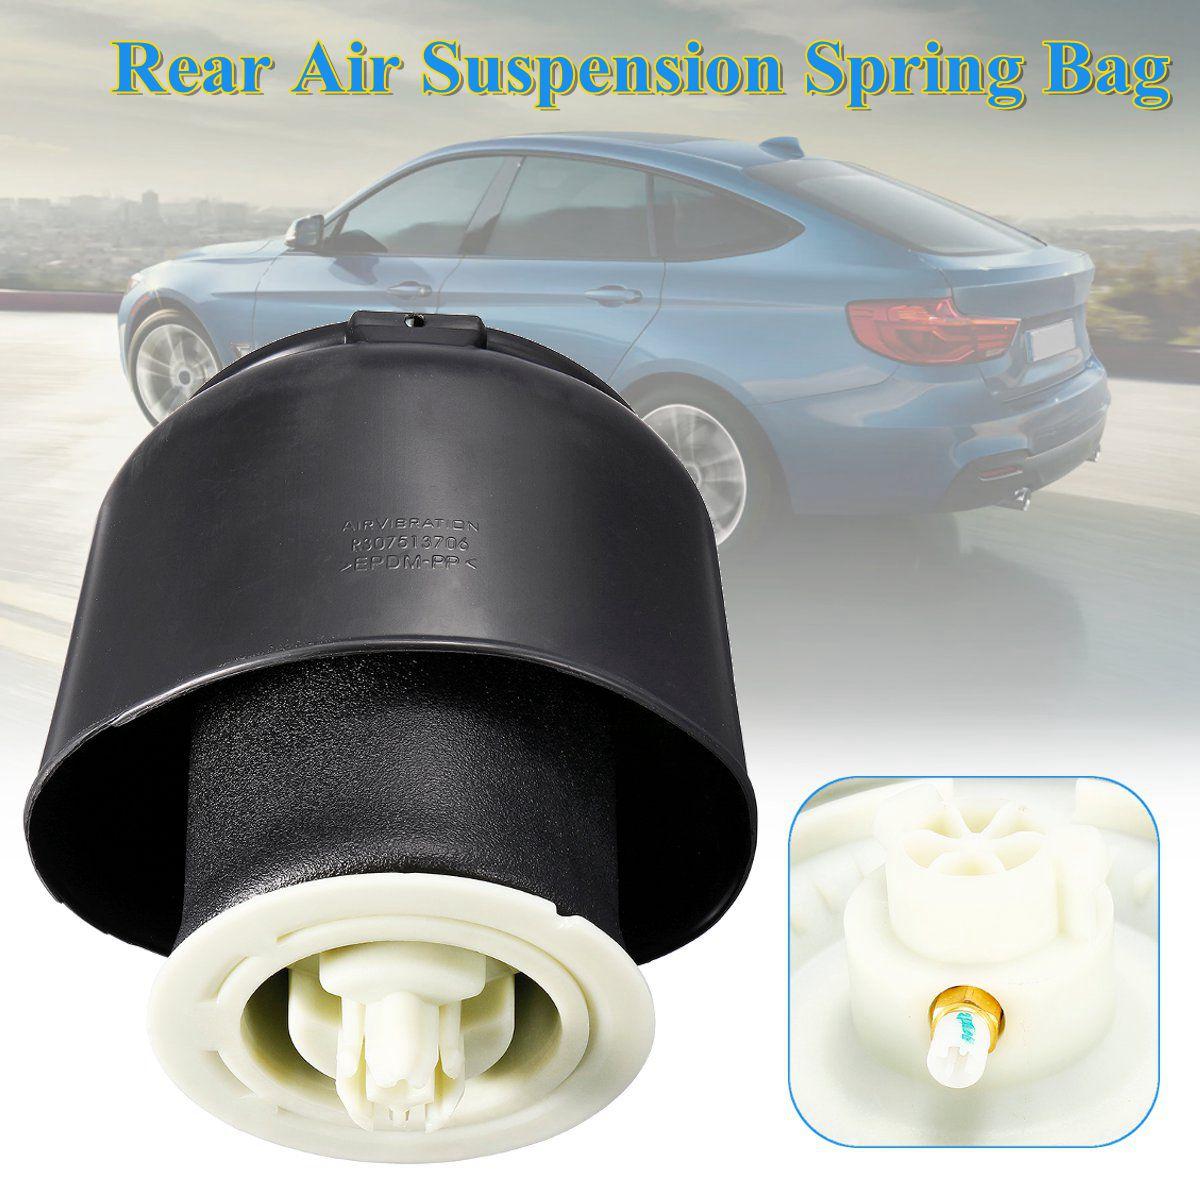 Nieuwe Luchtvering Achter Spring Blaten Zak Met Dust Cover Case Voor Bmw F07 Gt F10 F11 #37106781827 371067818 37106781828